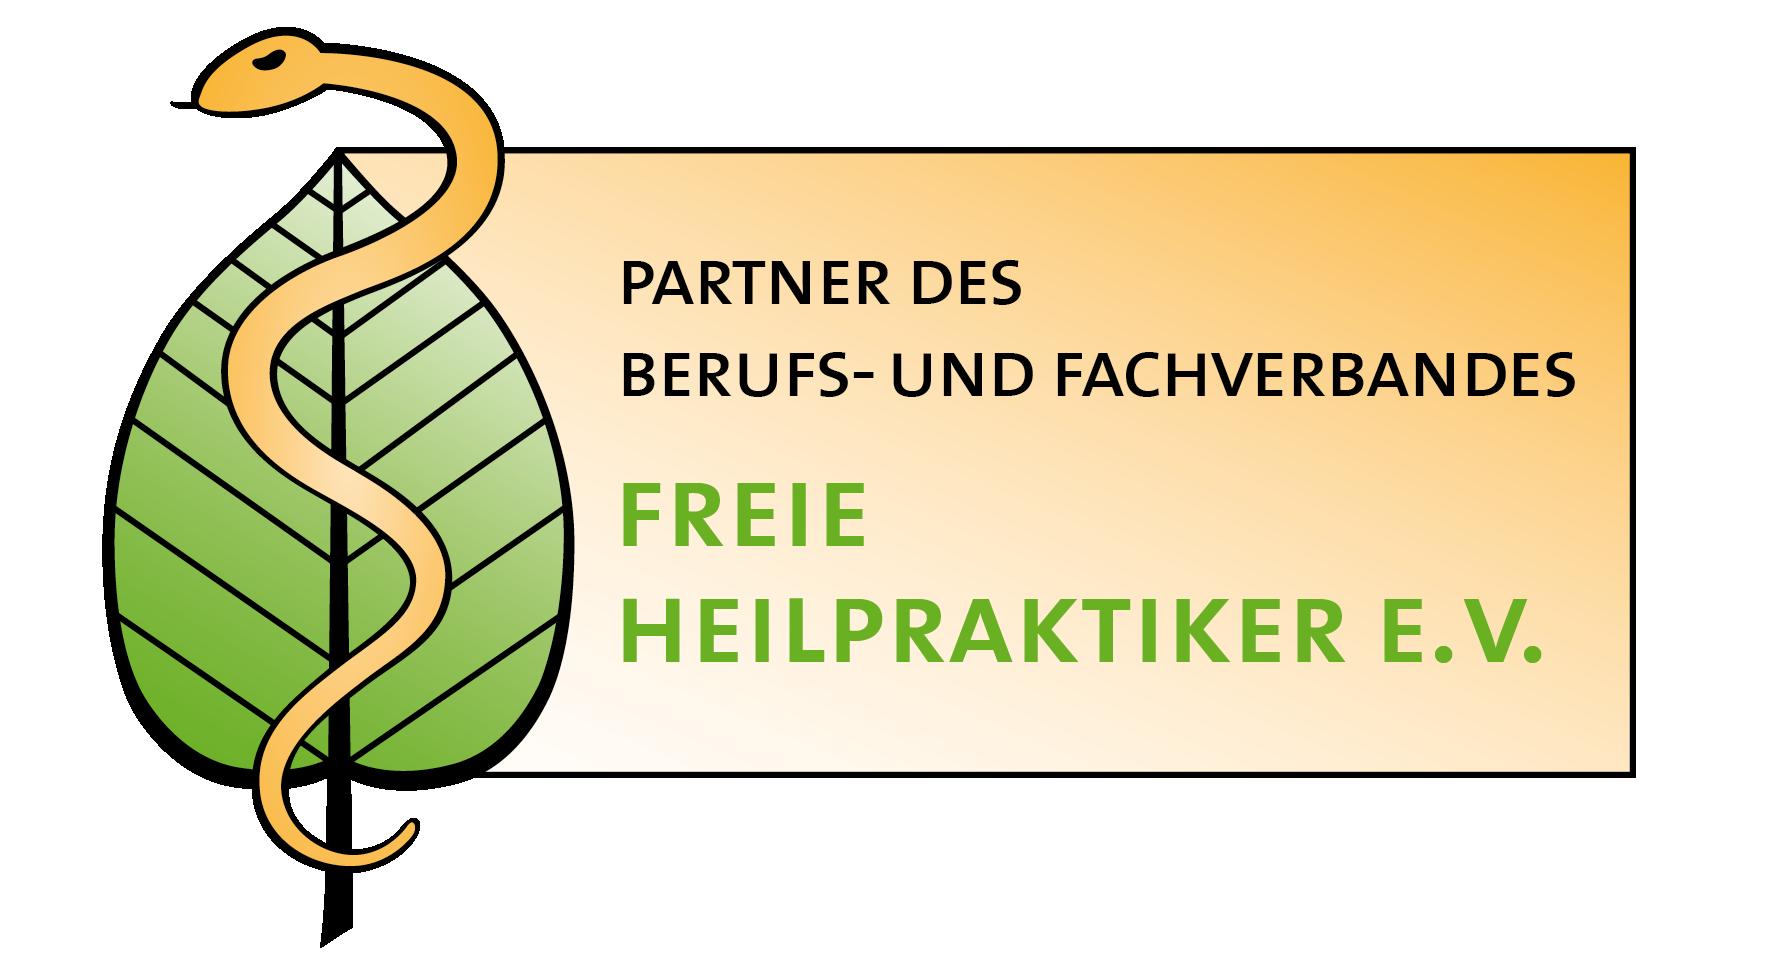 Firmen Angebote Freie Heilpraktiker E V Berufs Und Fachverband